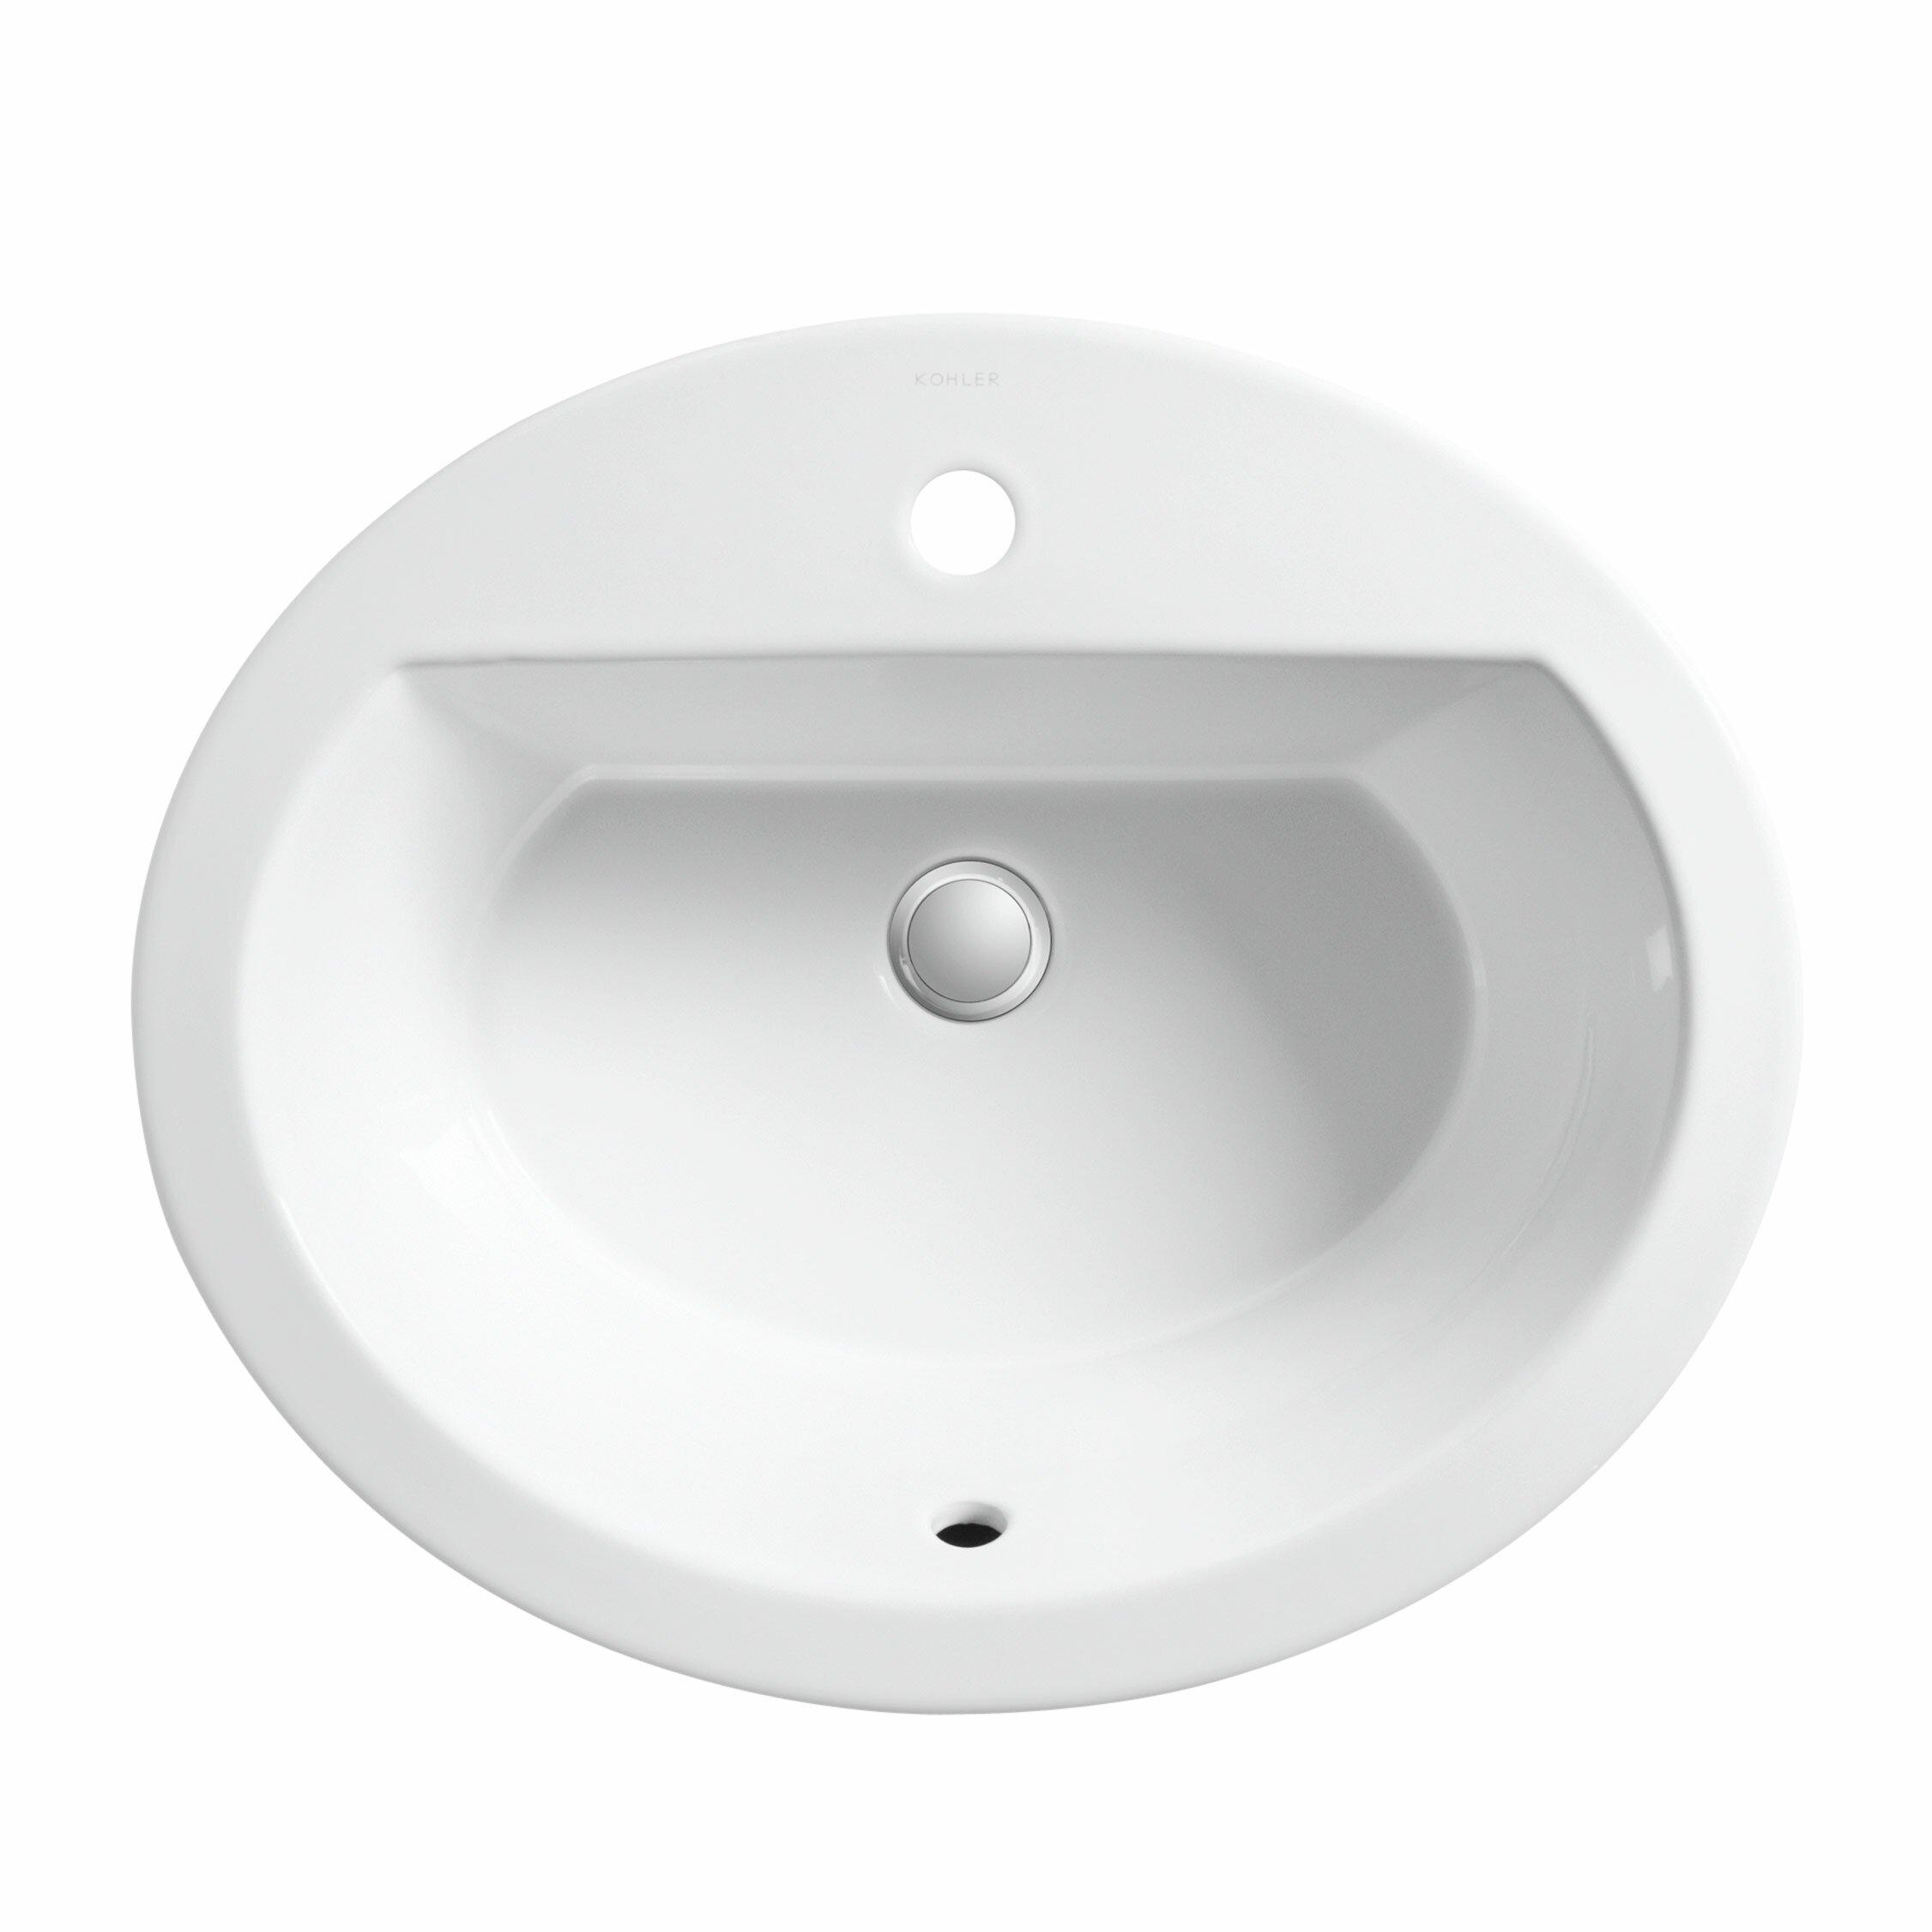 kohler bryant oval drop-in bathroom sink & reviews | wayfair